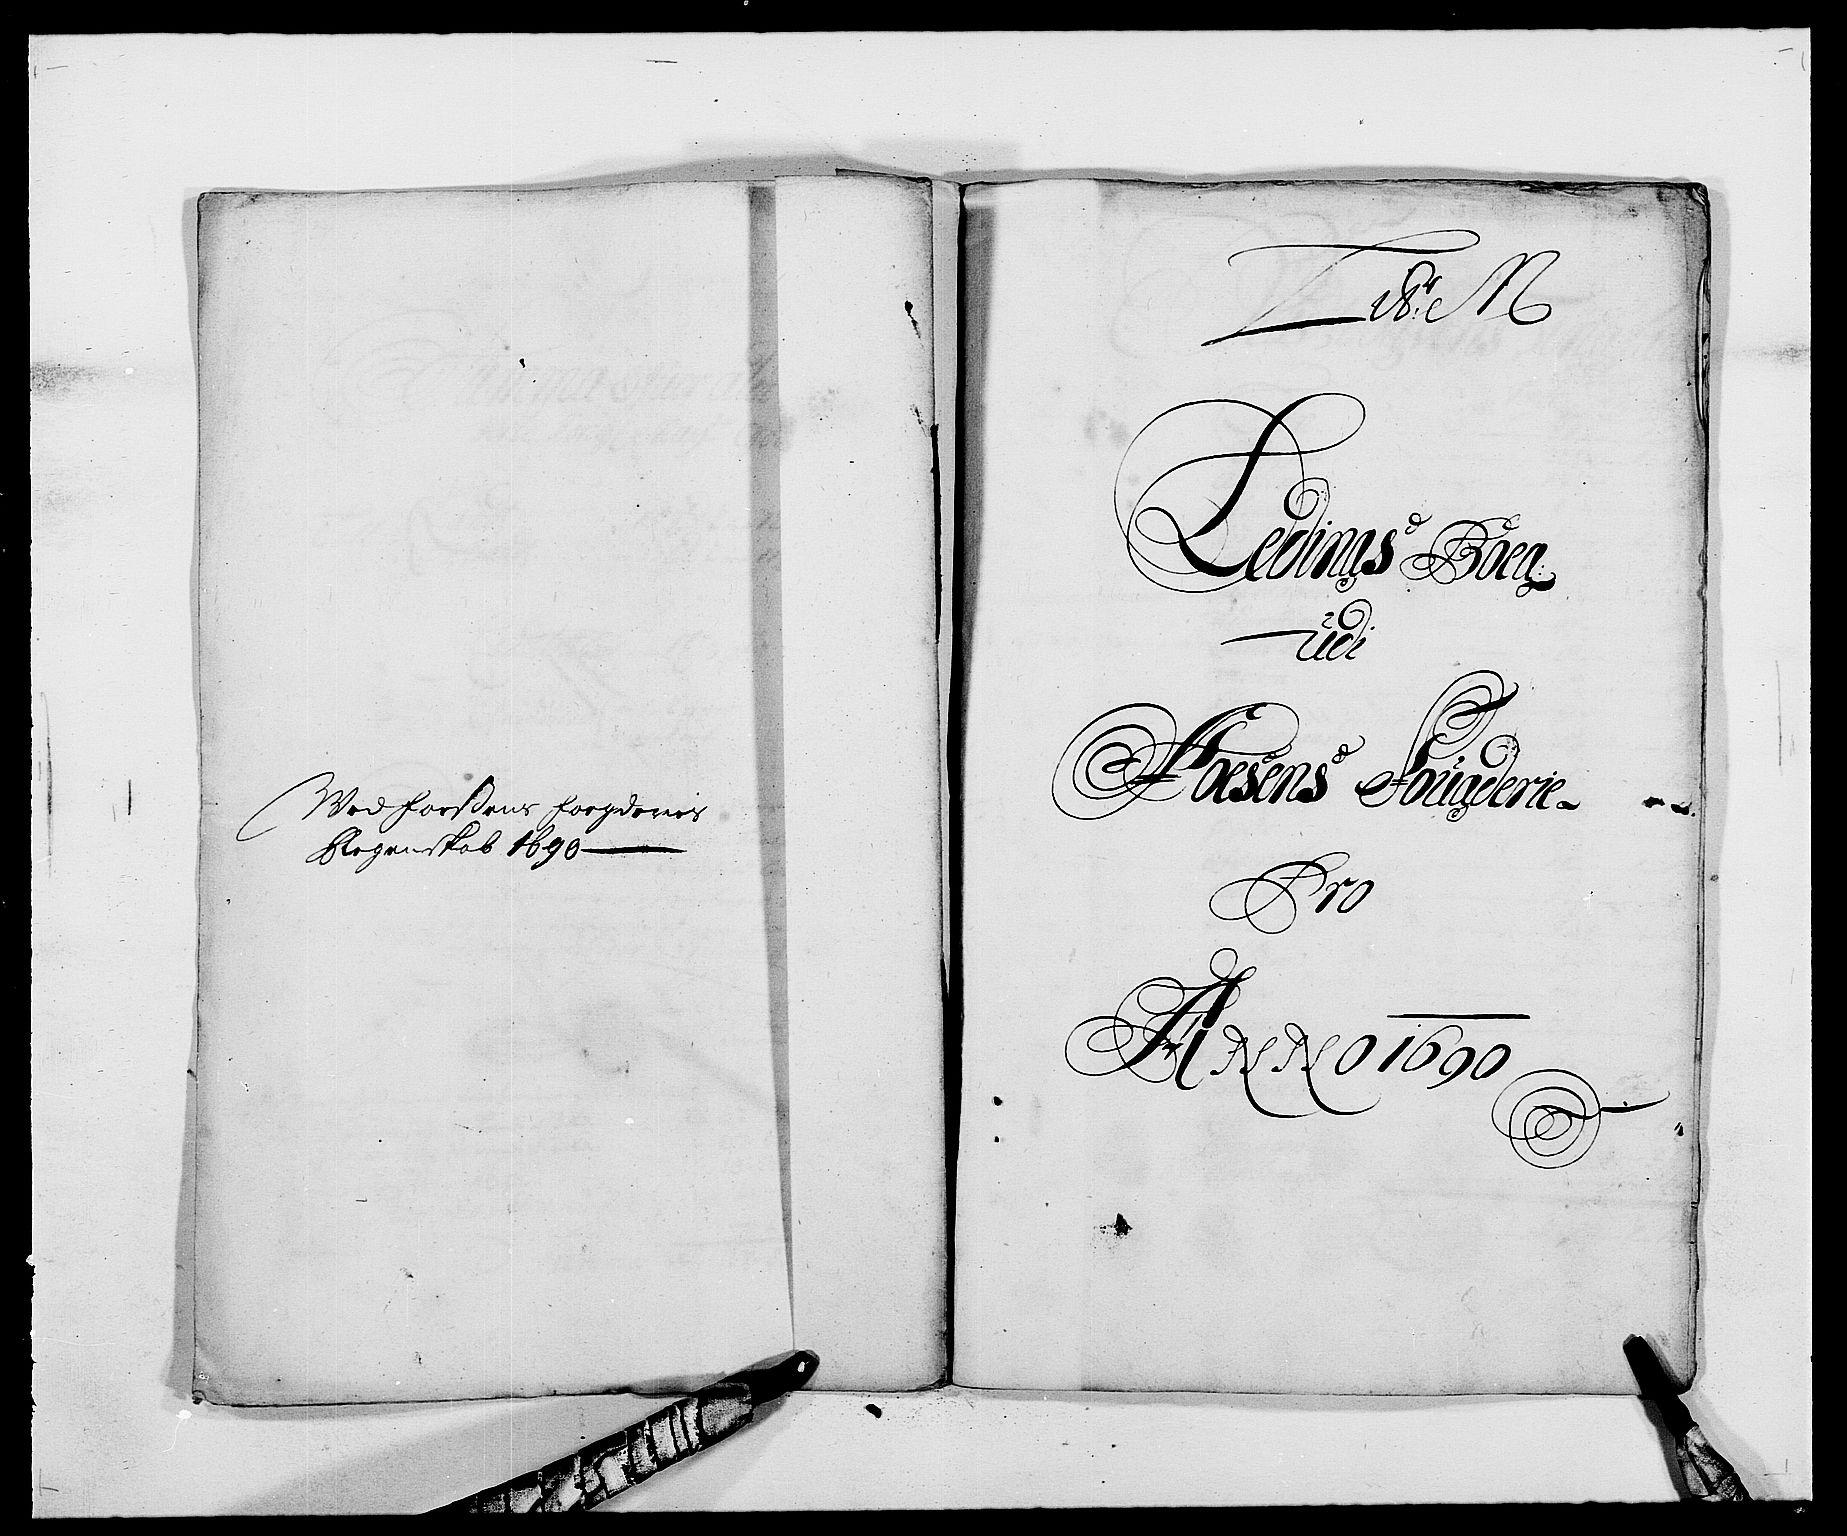 RA, Rentekammeret inntil 1814, Reviderte regnskaper, Fogderegnskap, R57/L3848: Fogderegnskap Fosen, 1690-1691, s. 163